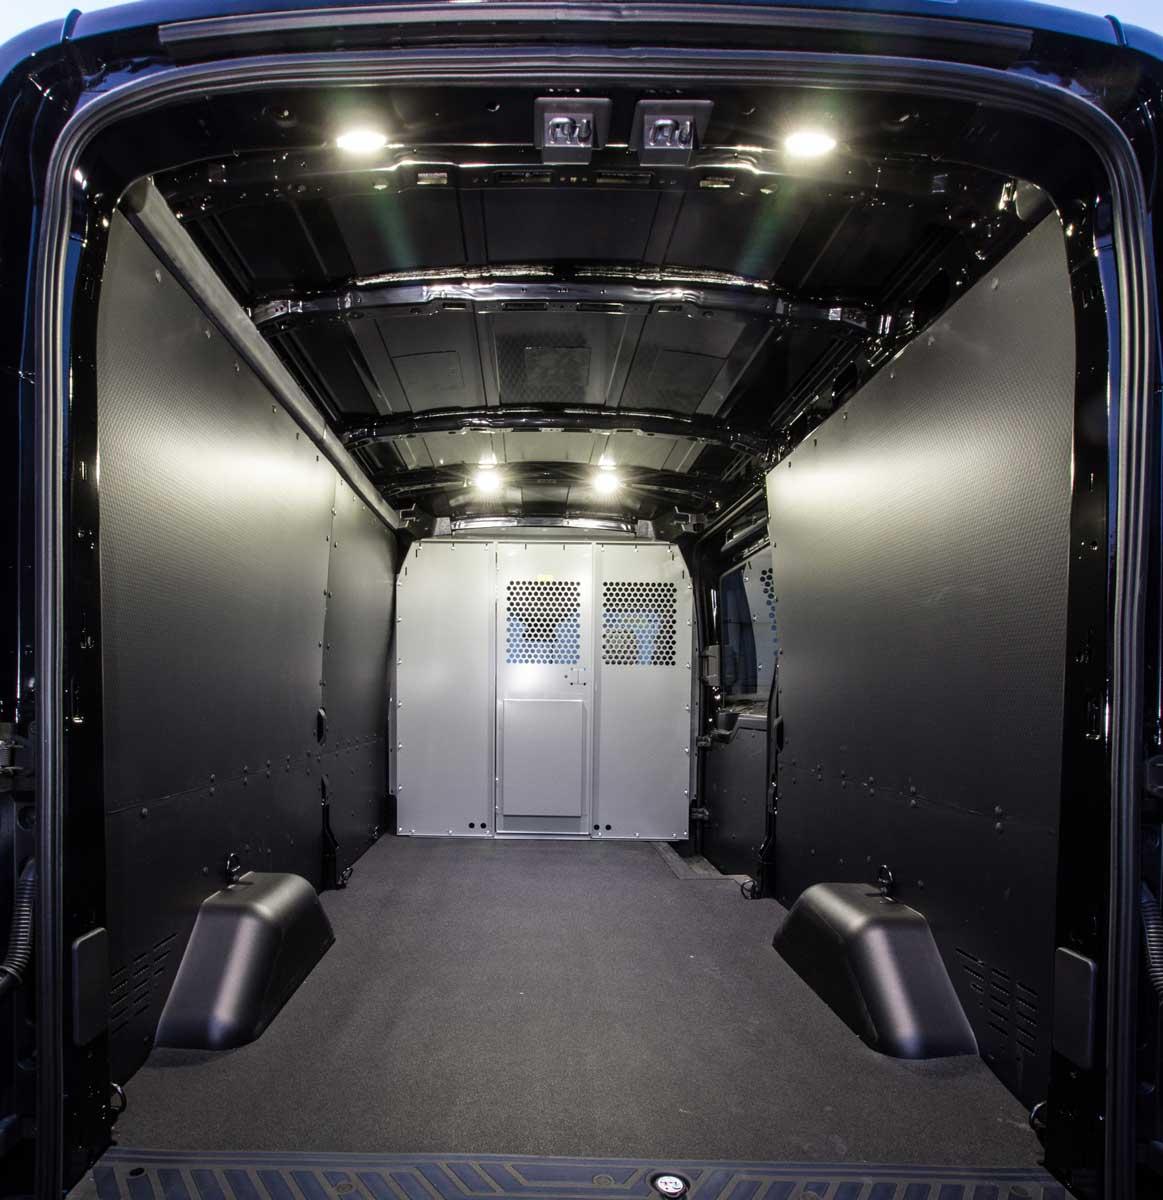 Ford Transit Rear Cargo Hvac Solutions By Cicioni